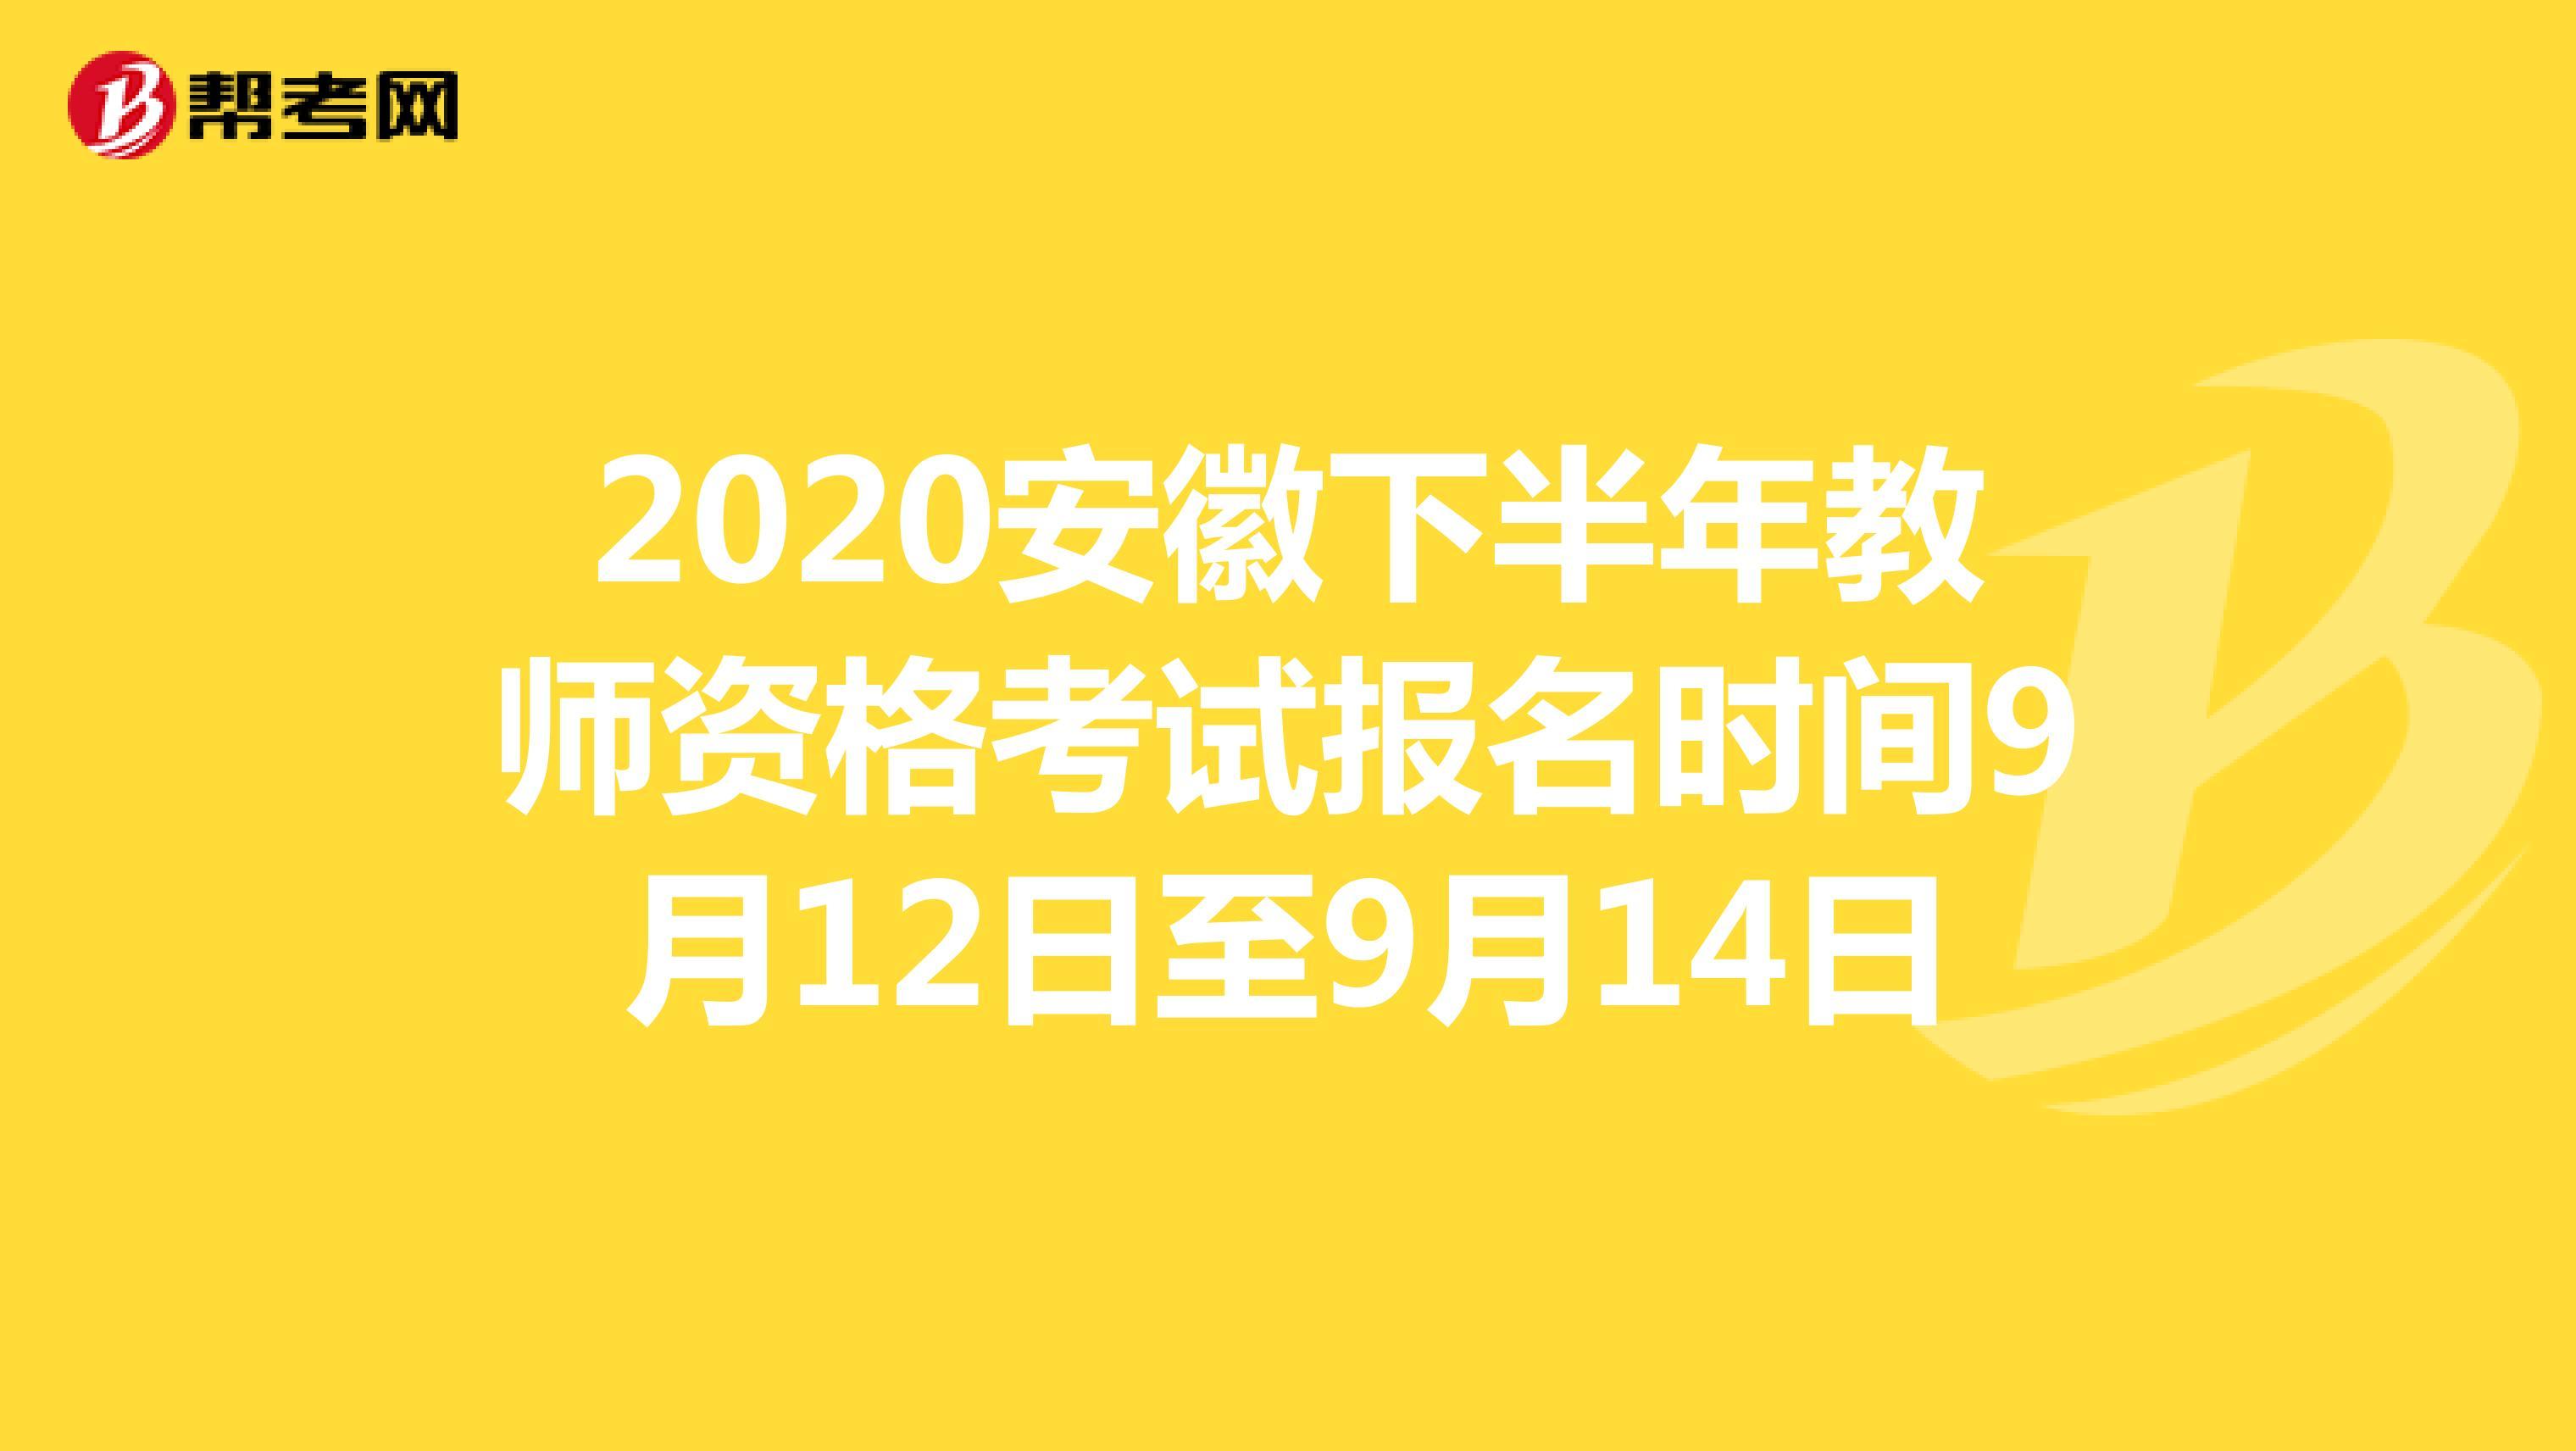 2020安徽下半年教师资格考试报名时间9月12日至9月14日